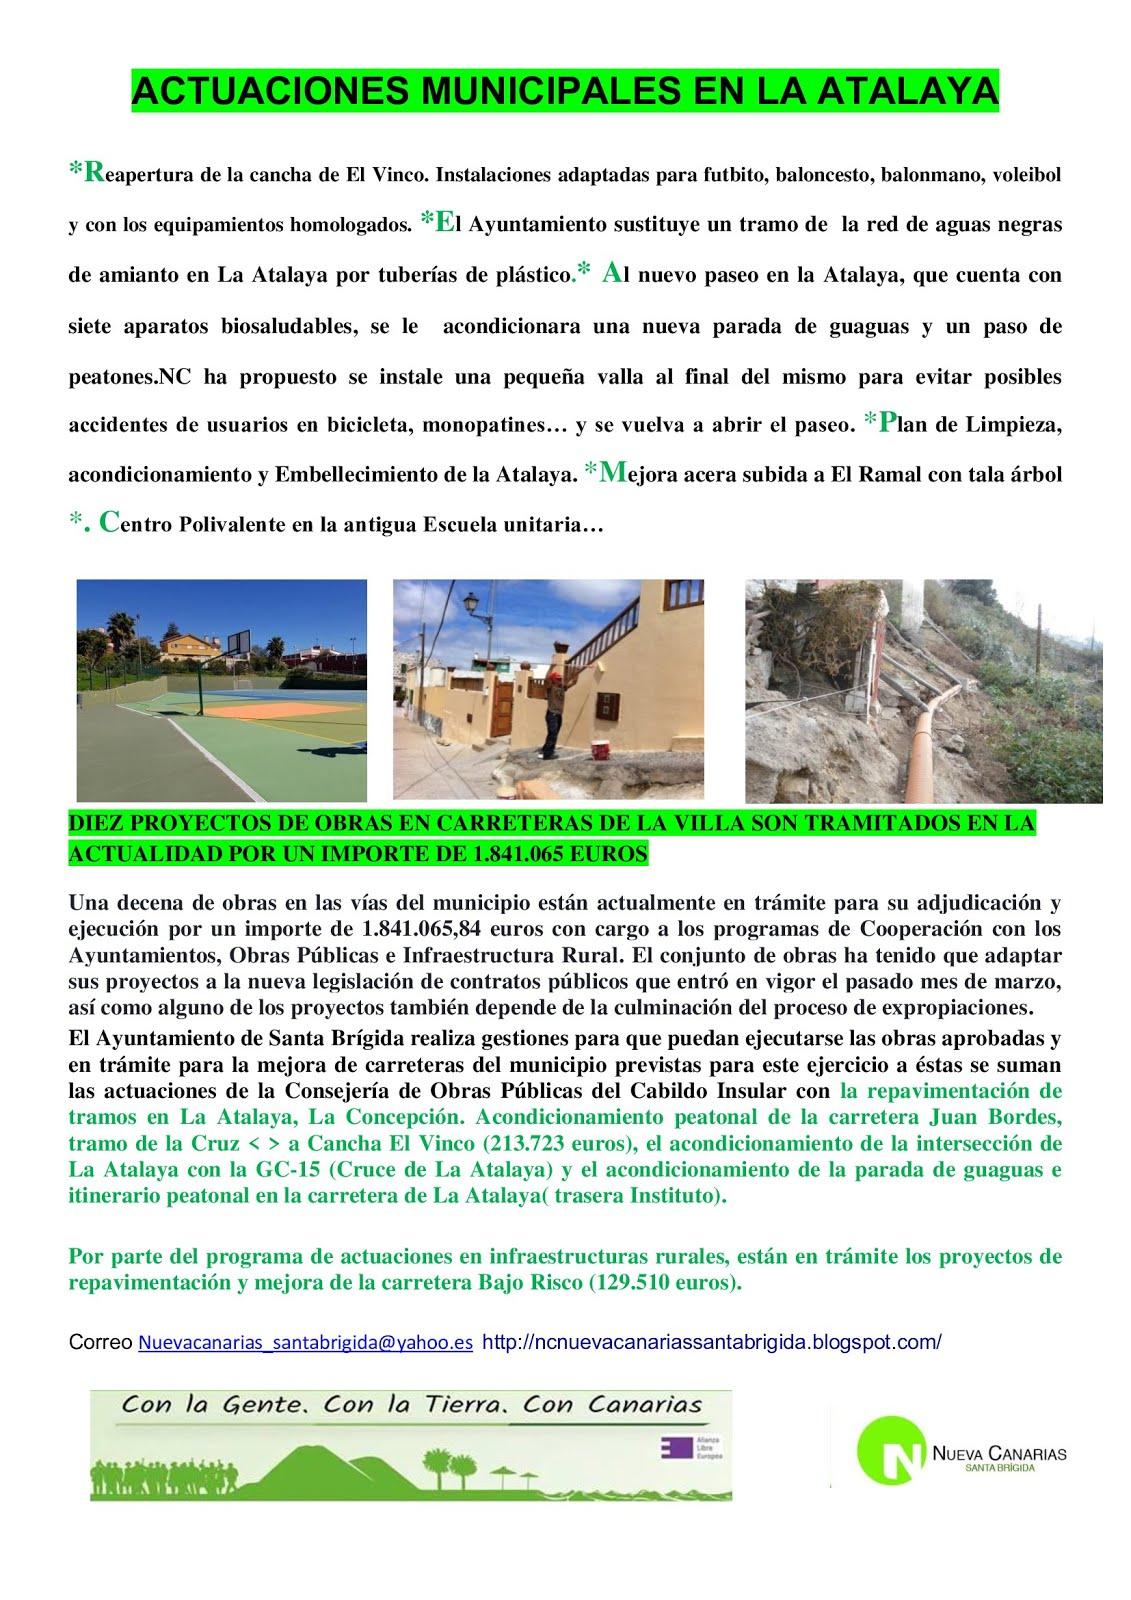 Actuaciones municipales La Atalaya